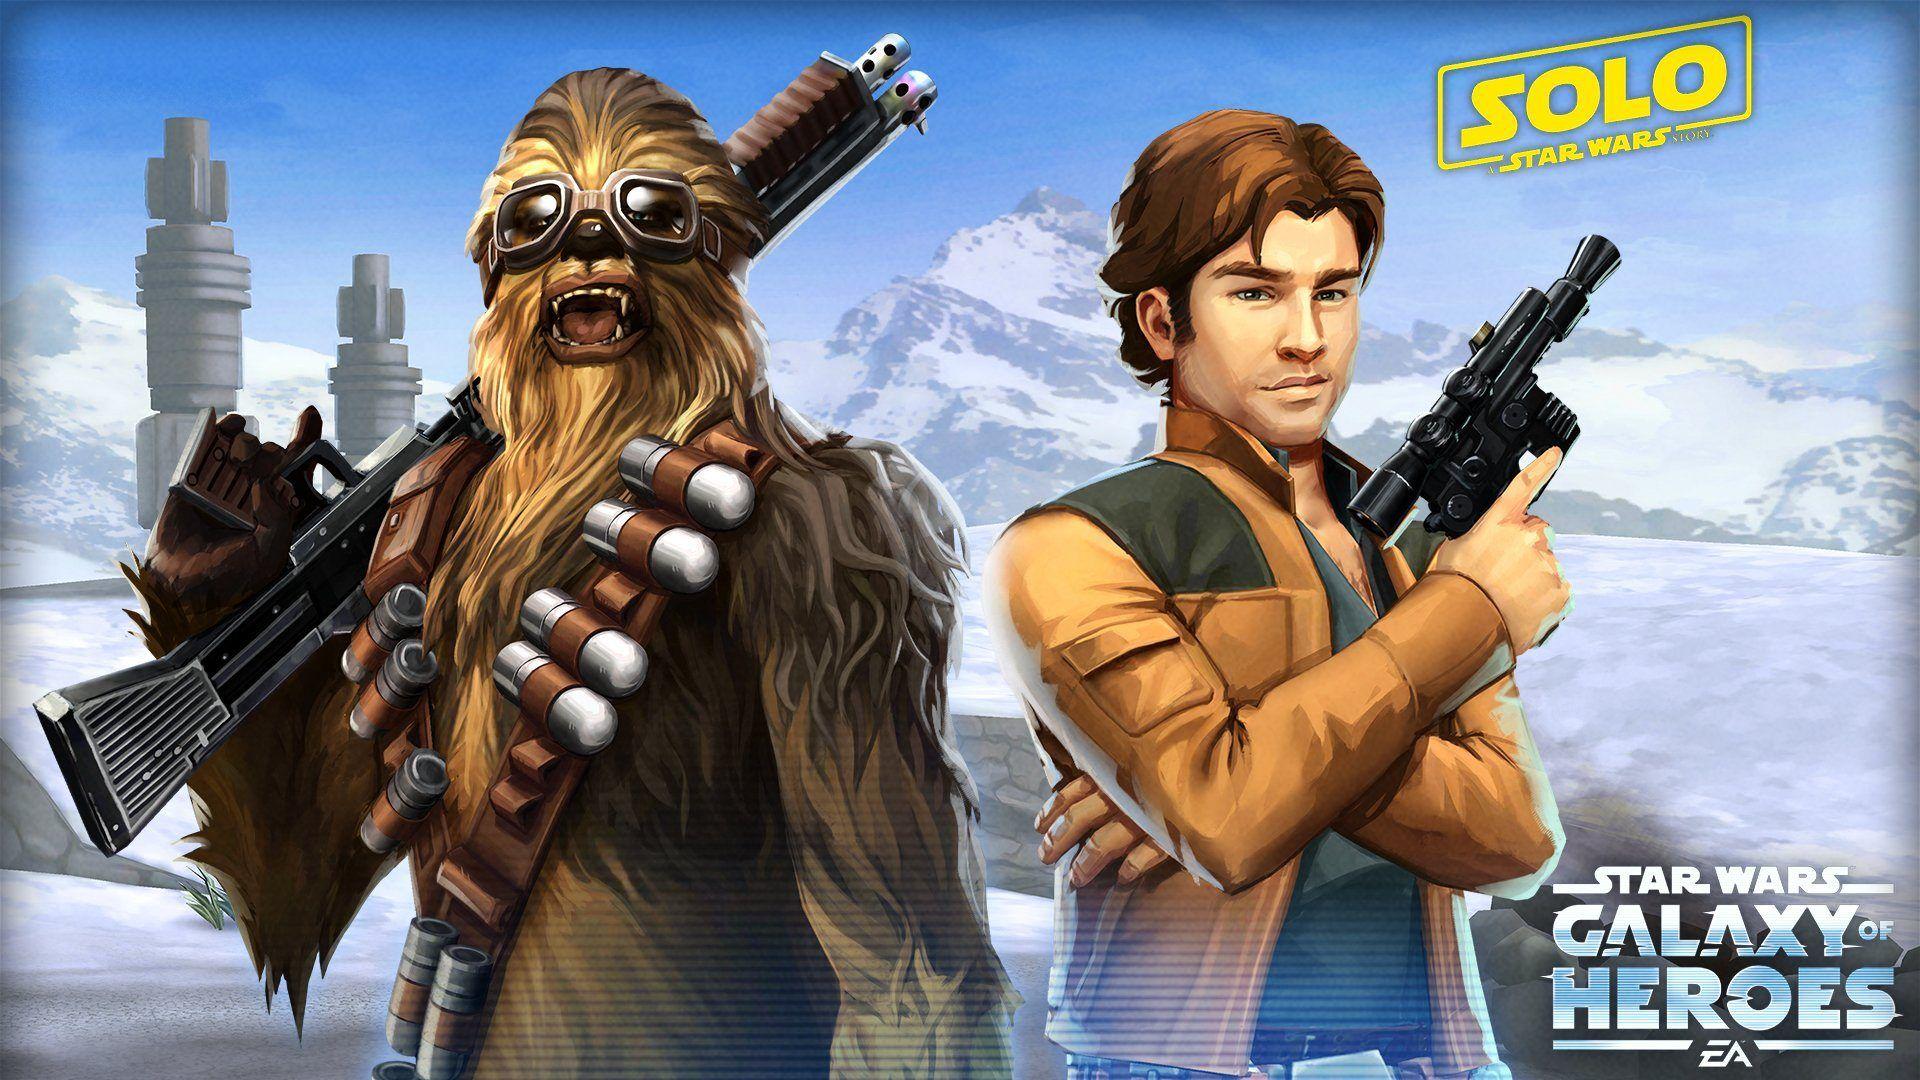 Chewbacca nice wallpaper